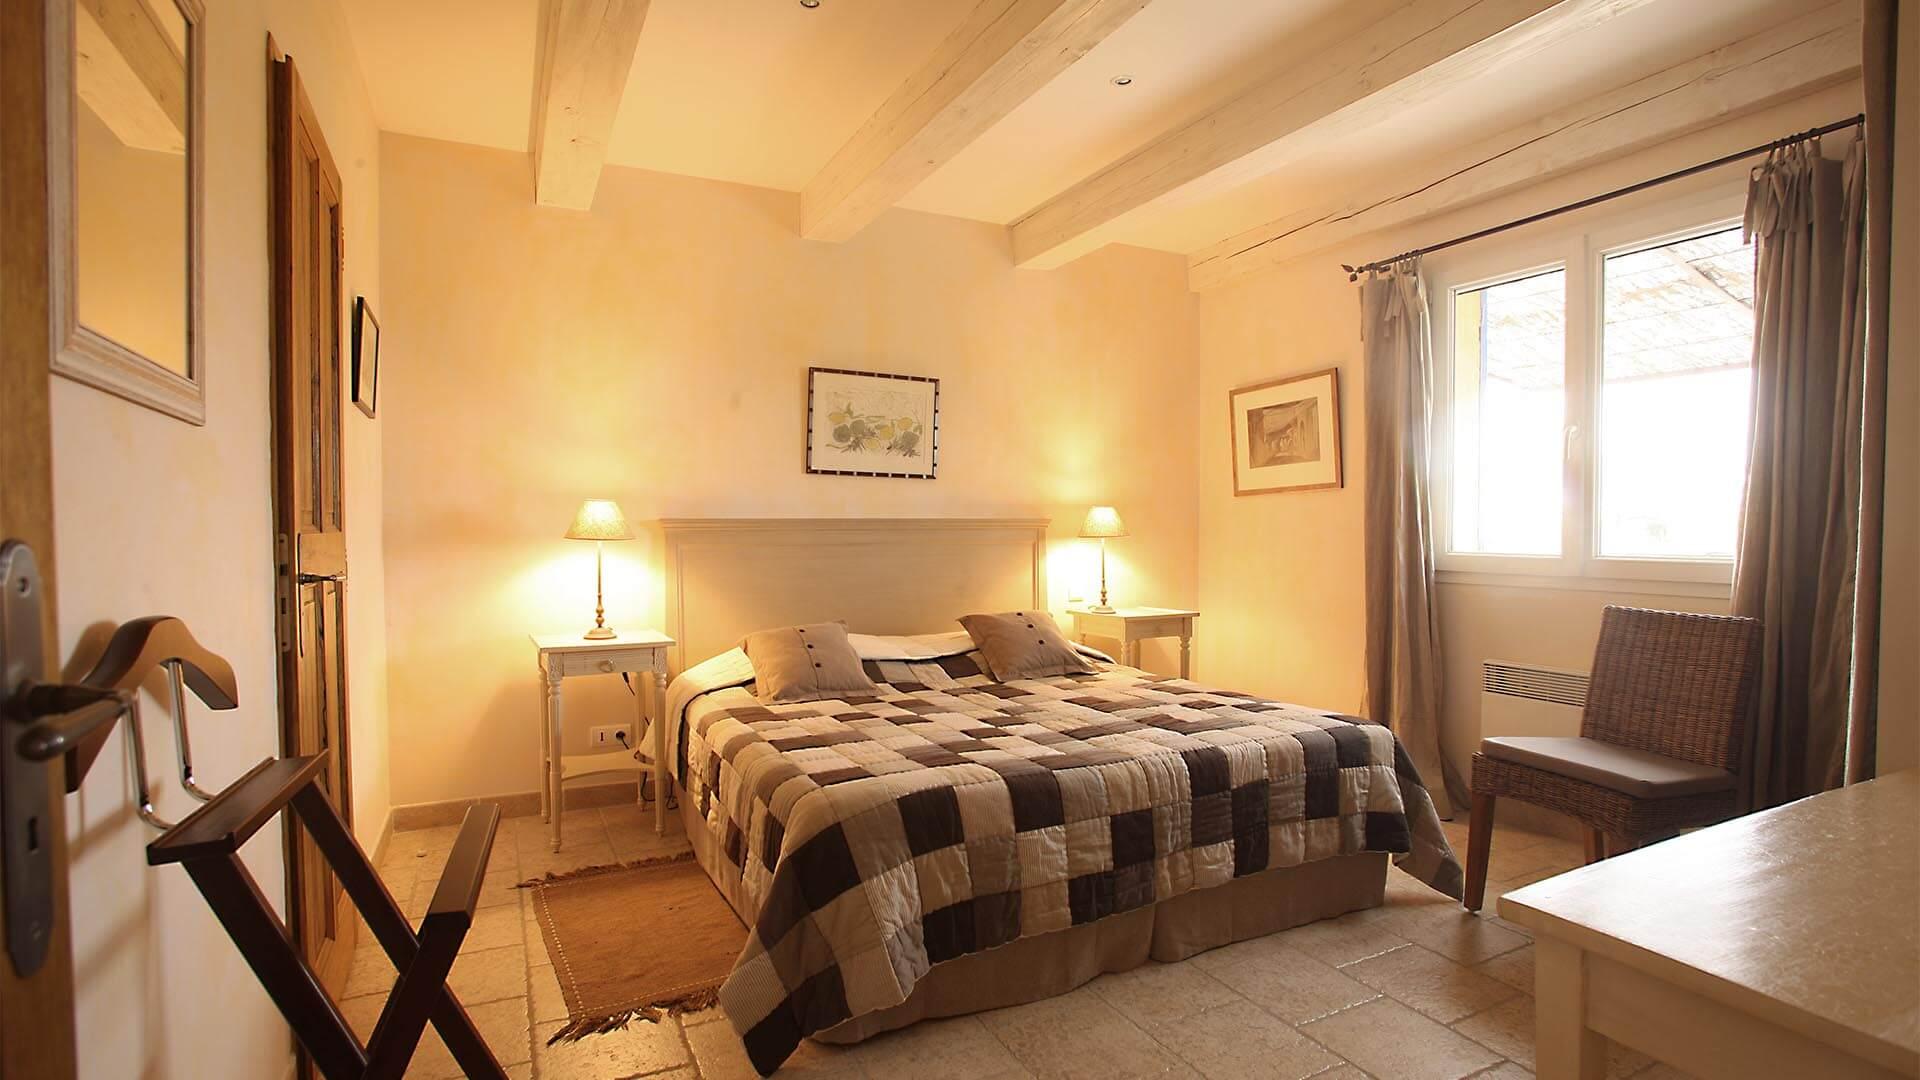 Louer maison de vacances Luberon | Villa terre d'ocre | Chambre double